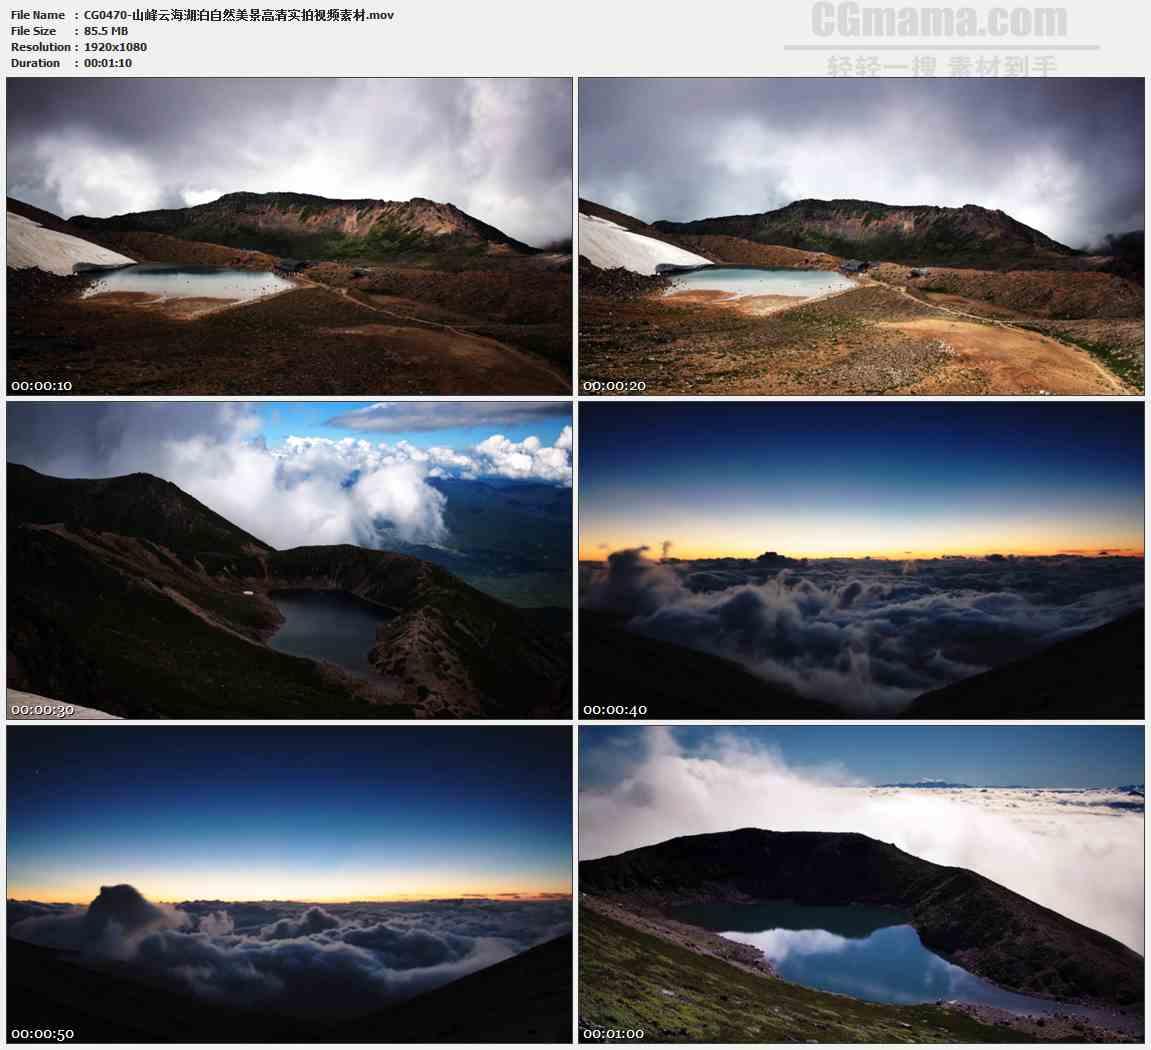 CG0470-山峰云海湖泊自然美景高清实拍视频素材